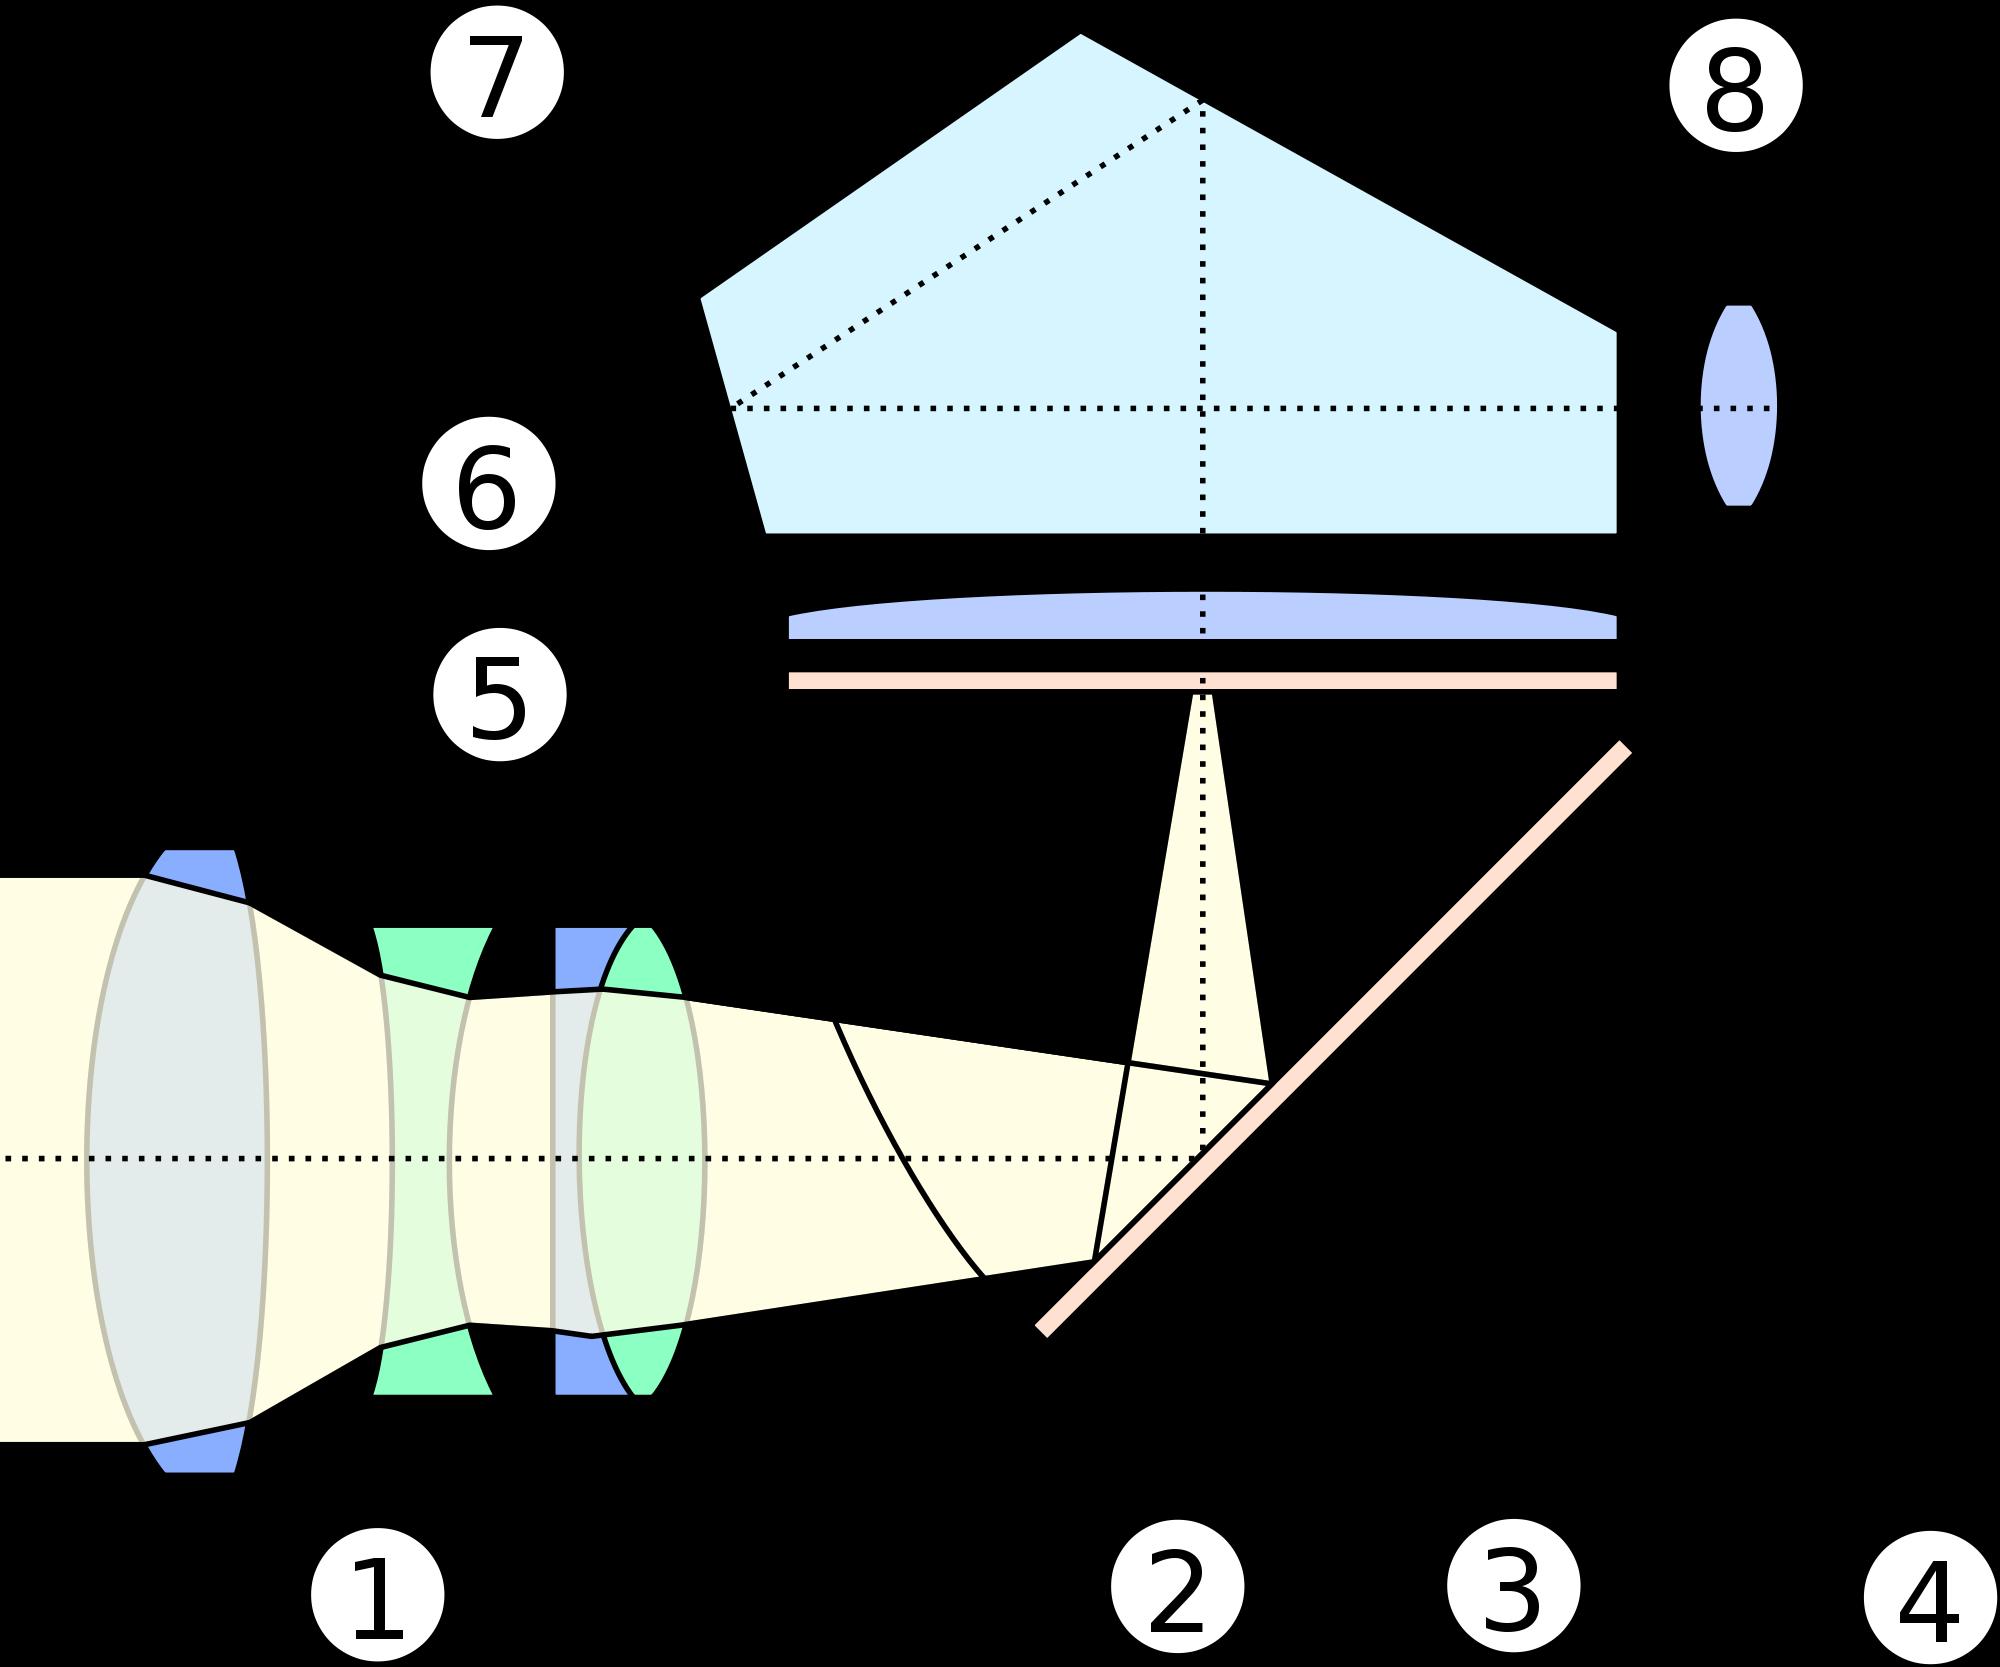 Lyset går gjennom objektivet (1), deretter går det enten forbi speilet (2) til bildesensorene (3 og 4) eller via linser og speil (5,6 og 7) til søkeren (8).Foto: Wikimedia Commons